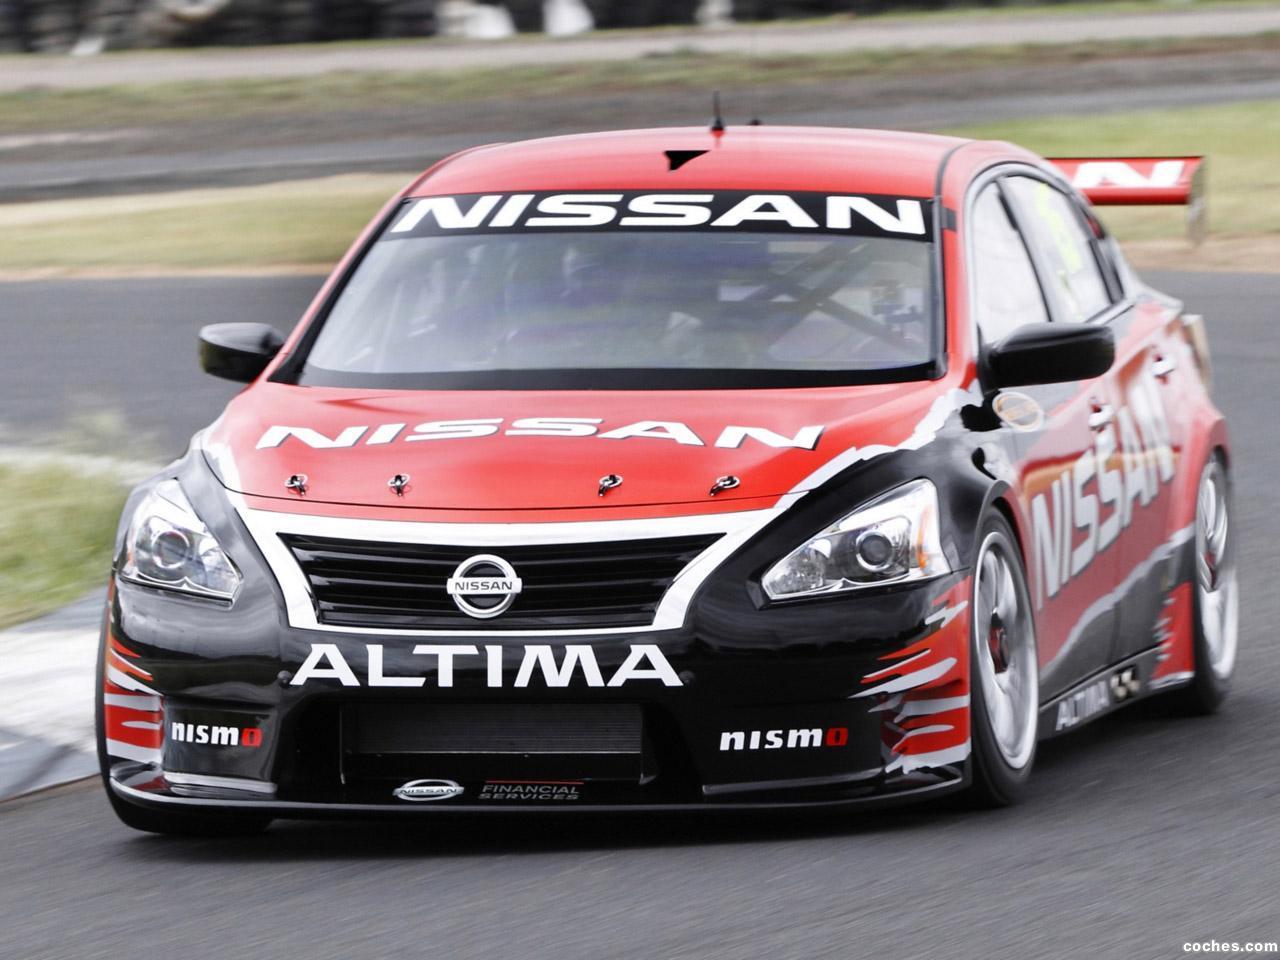 Foto 3 de Nissan Altima V8 Supercar 2012